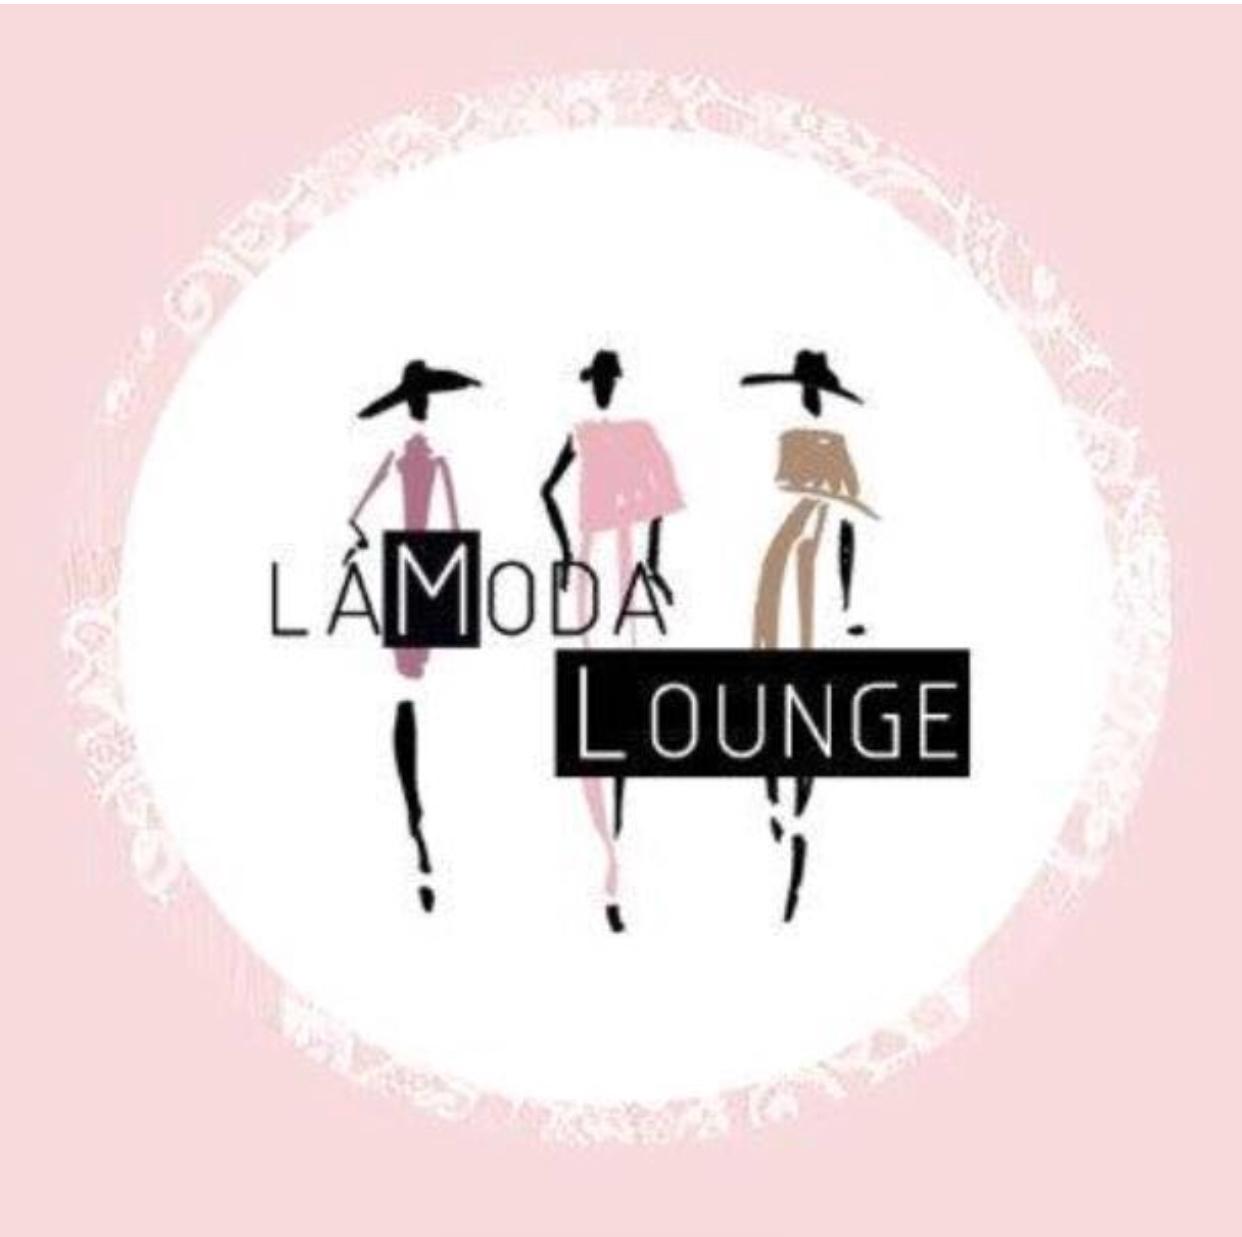 لامودا لاونج